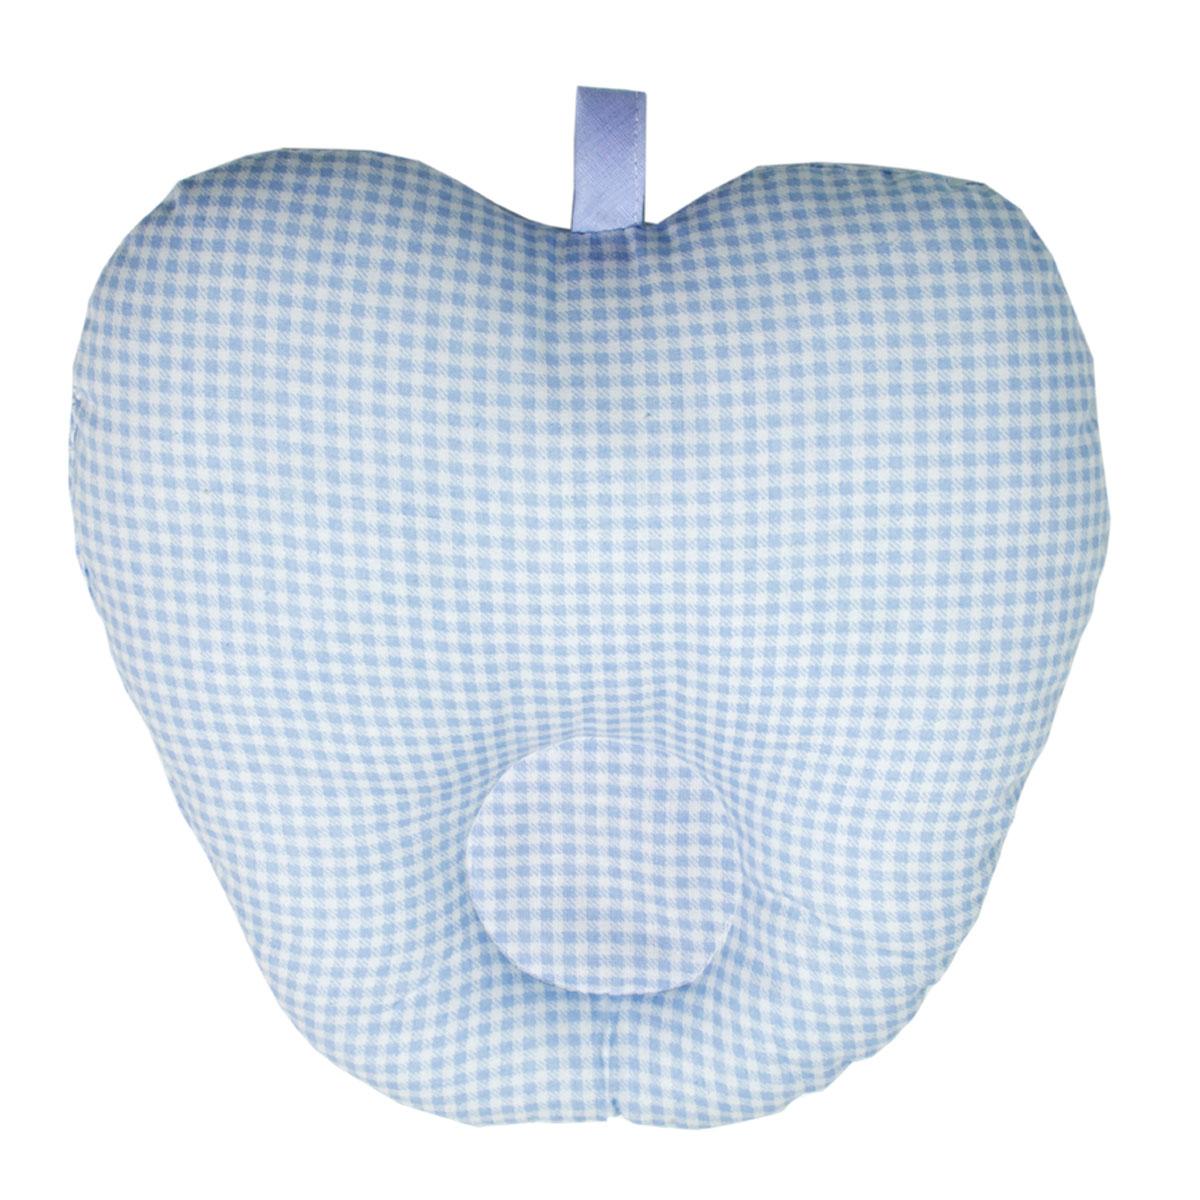 Подушка анатомическая Primavelle Apple для младенцев, цвет: голубой, 25 см х 25 см цена